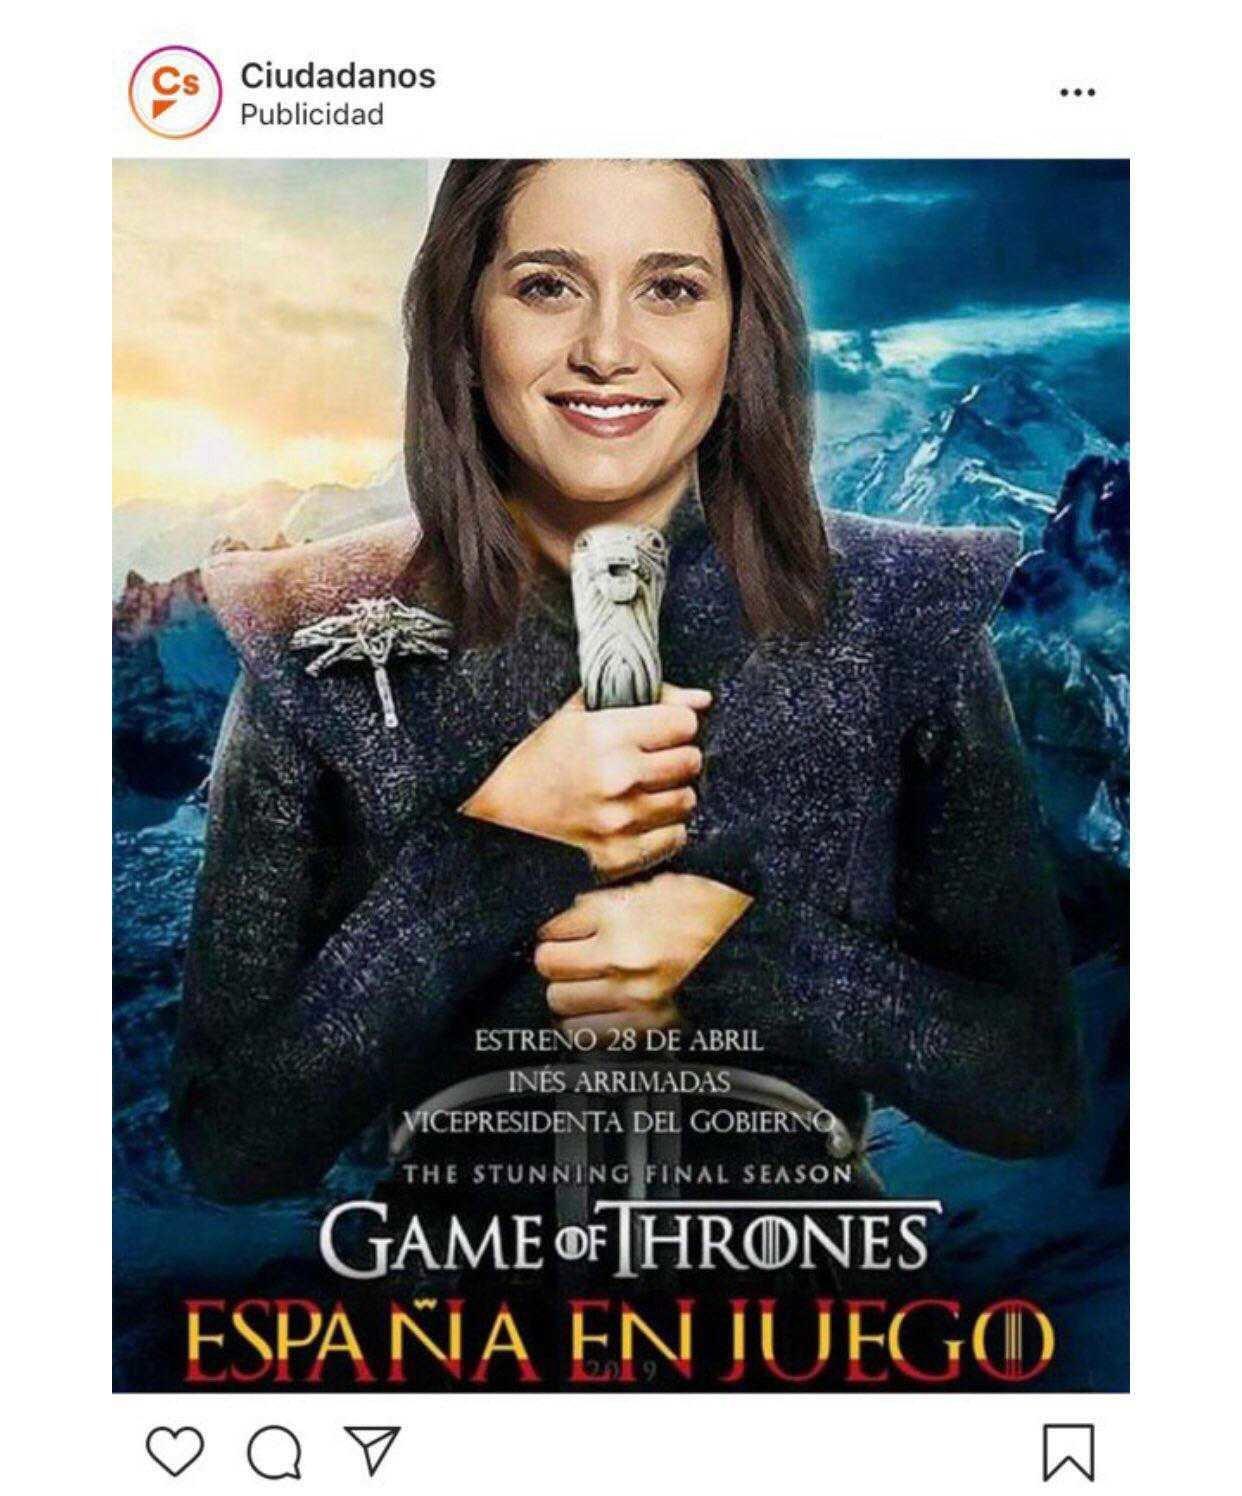 Ciudadanos convierte a Inés Arrimadas en Khaleesi, de 'Juego de tronos', pero sin permiso de